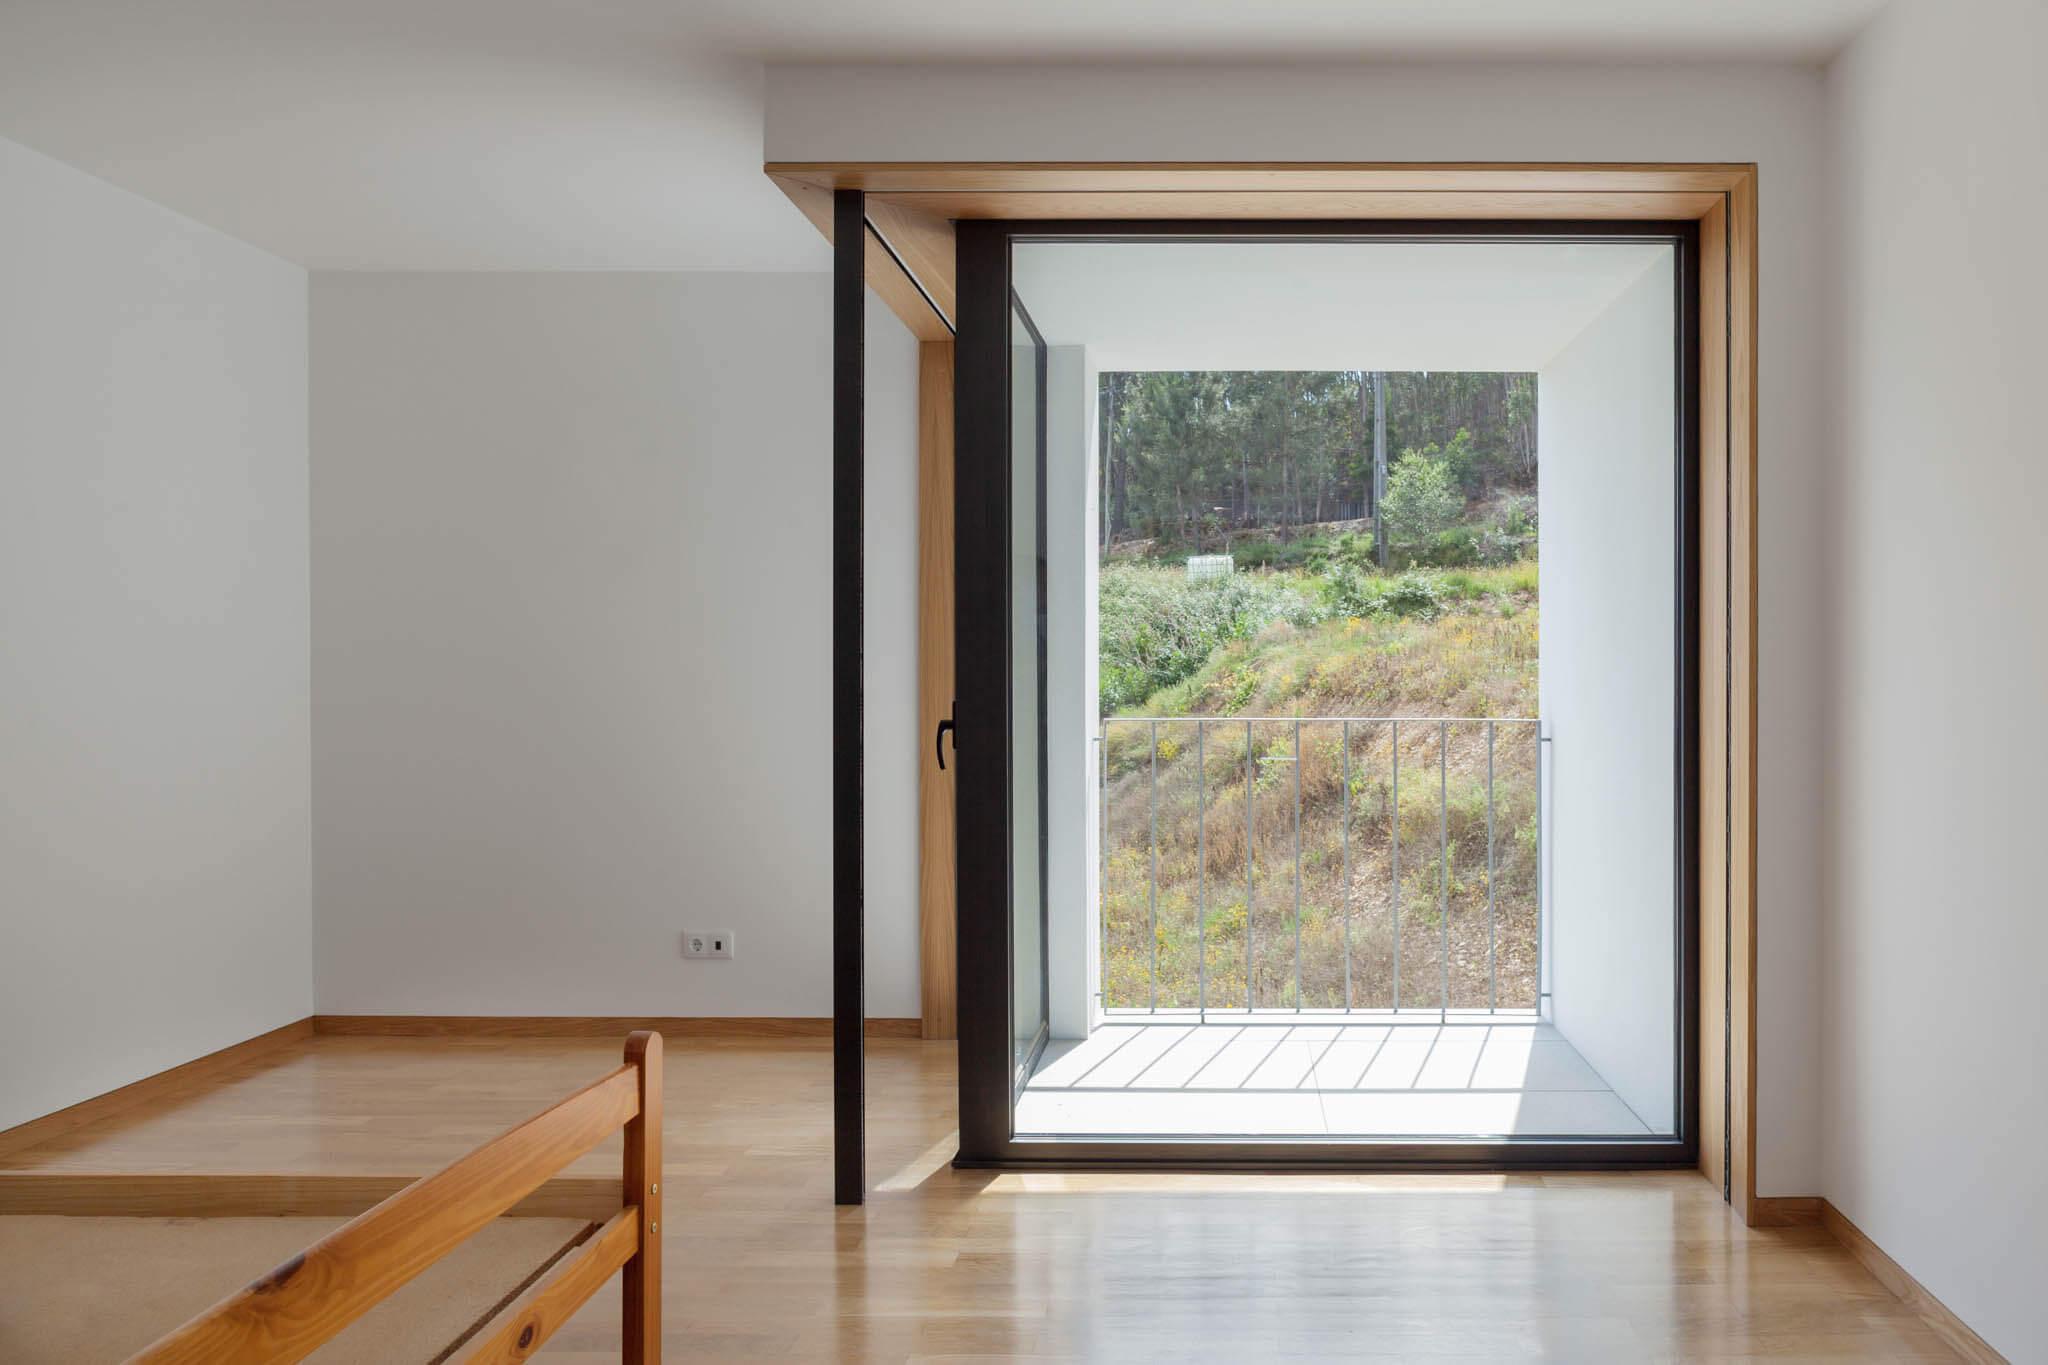 Casa Agueda Atelier De Arquitectura Numa 99 do fotografo Ivo Tavares Studio